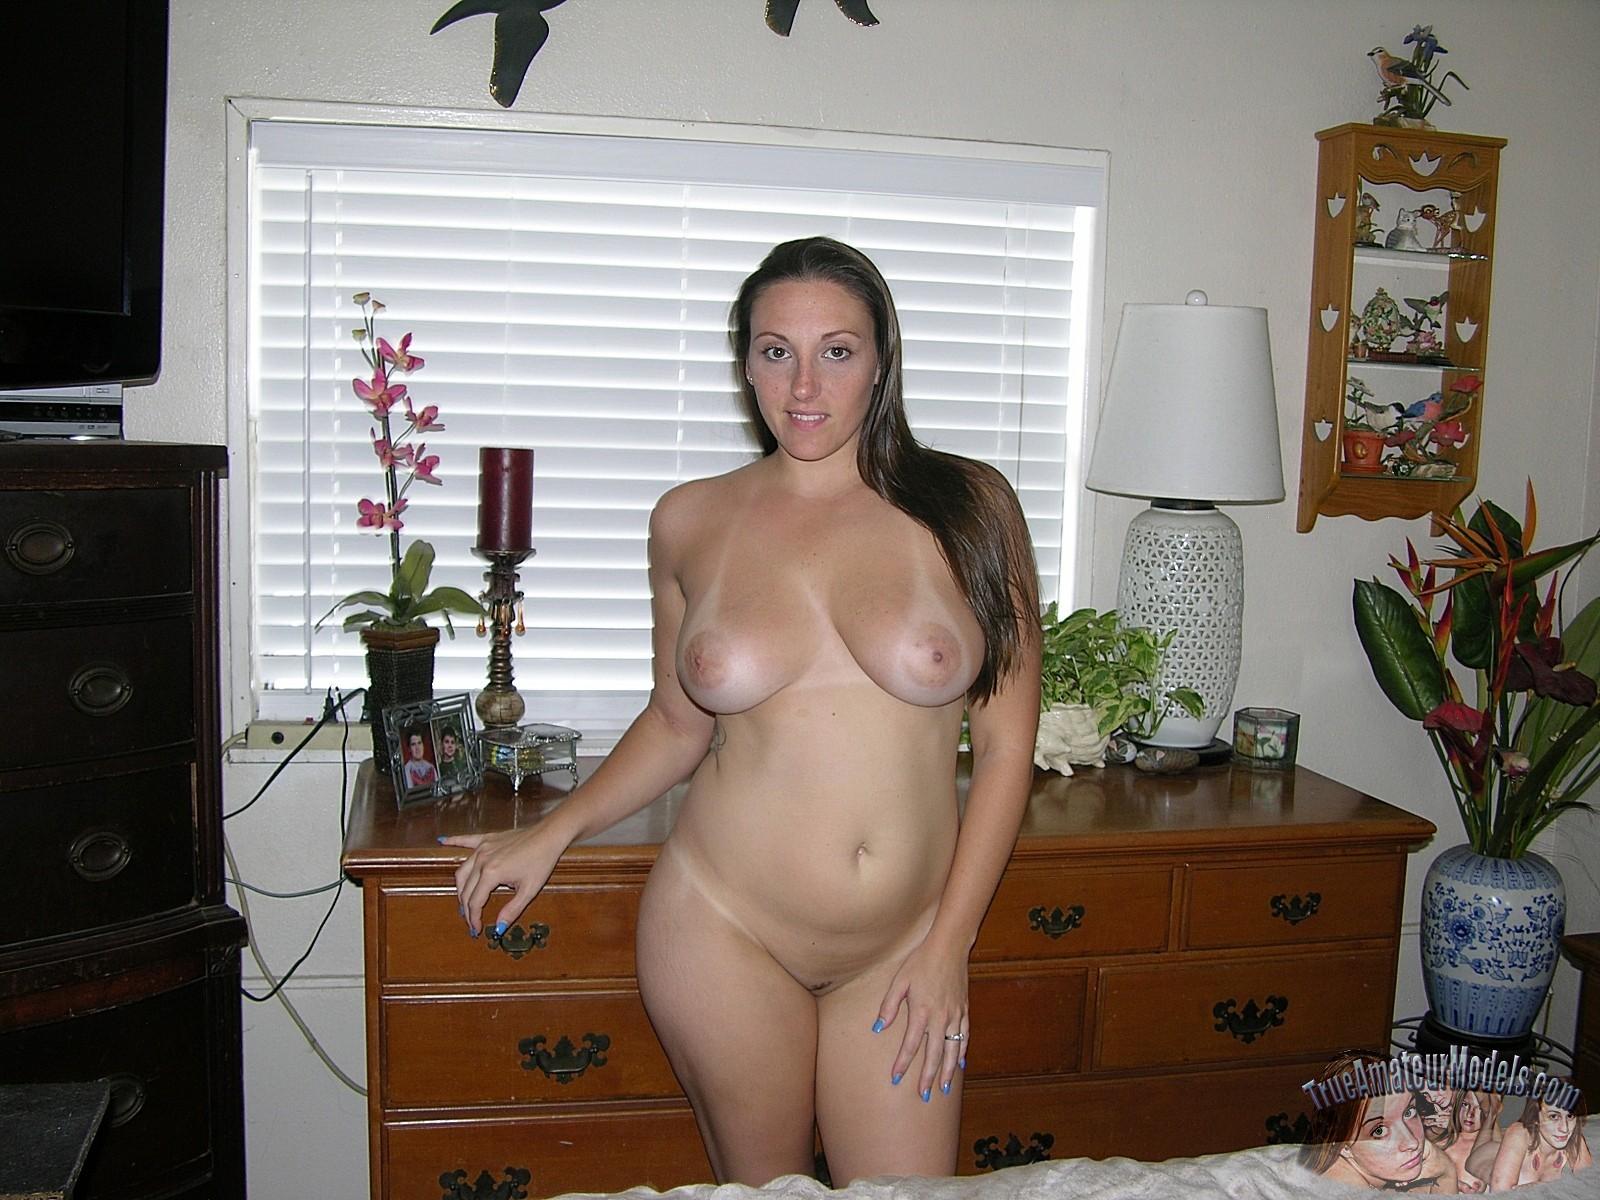 alexis true amateur models nude